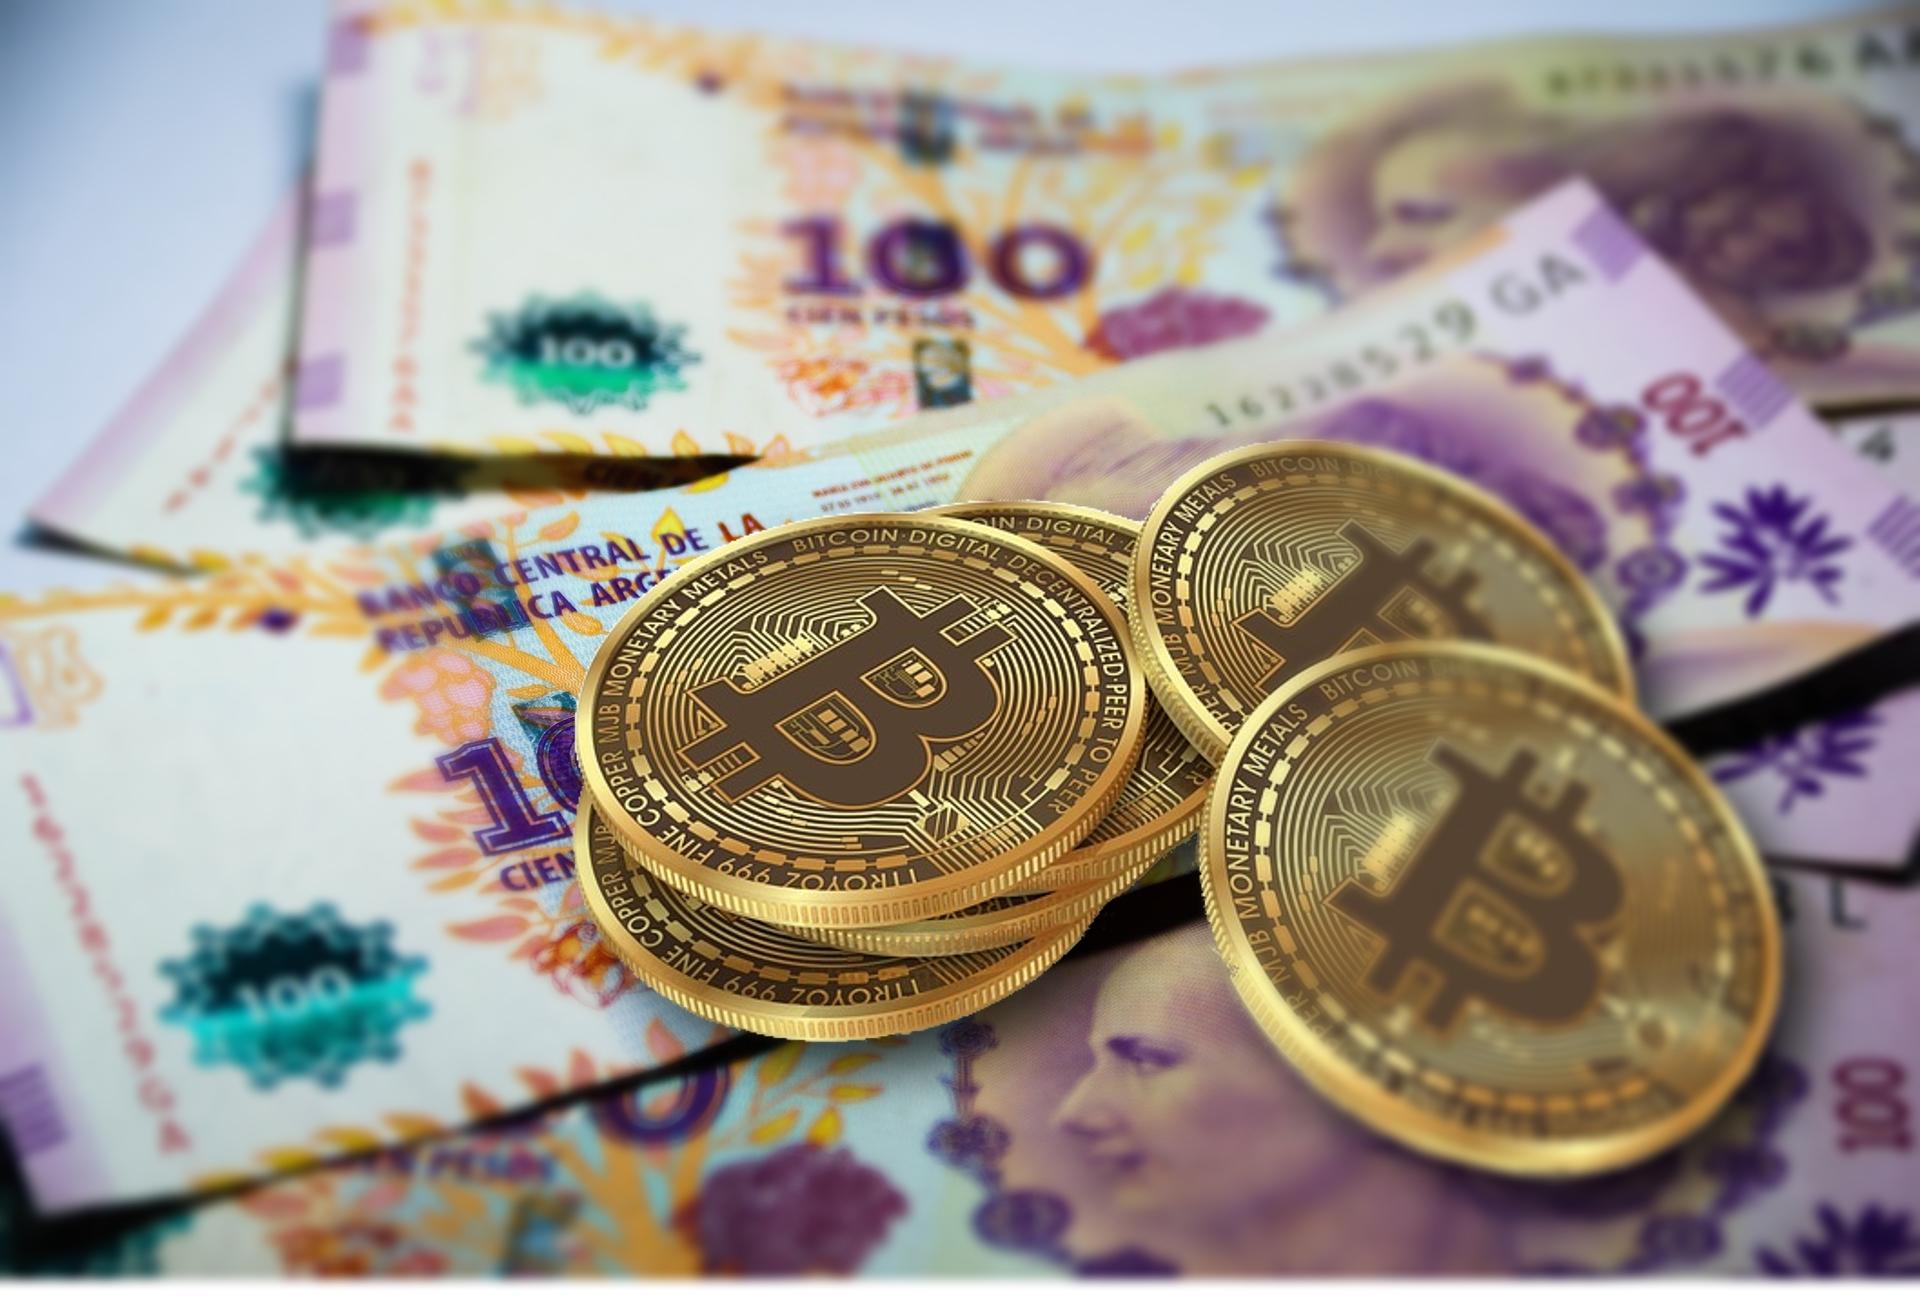 ¿Por qué los argentinos compran Bitcoin?